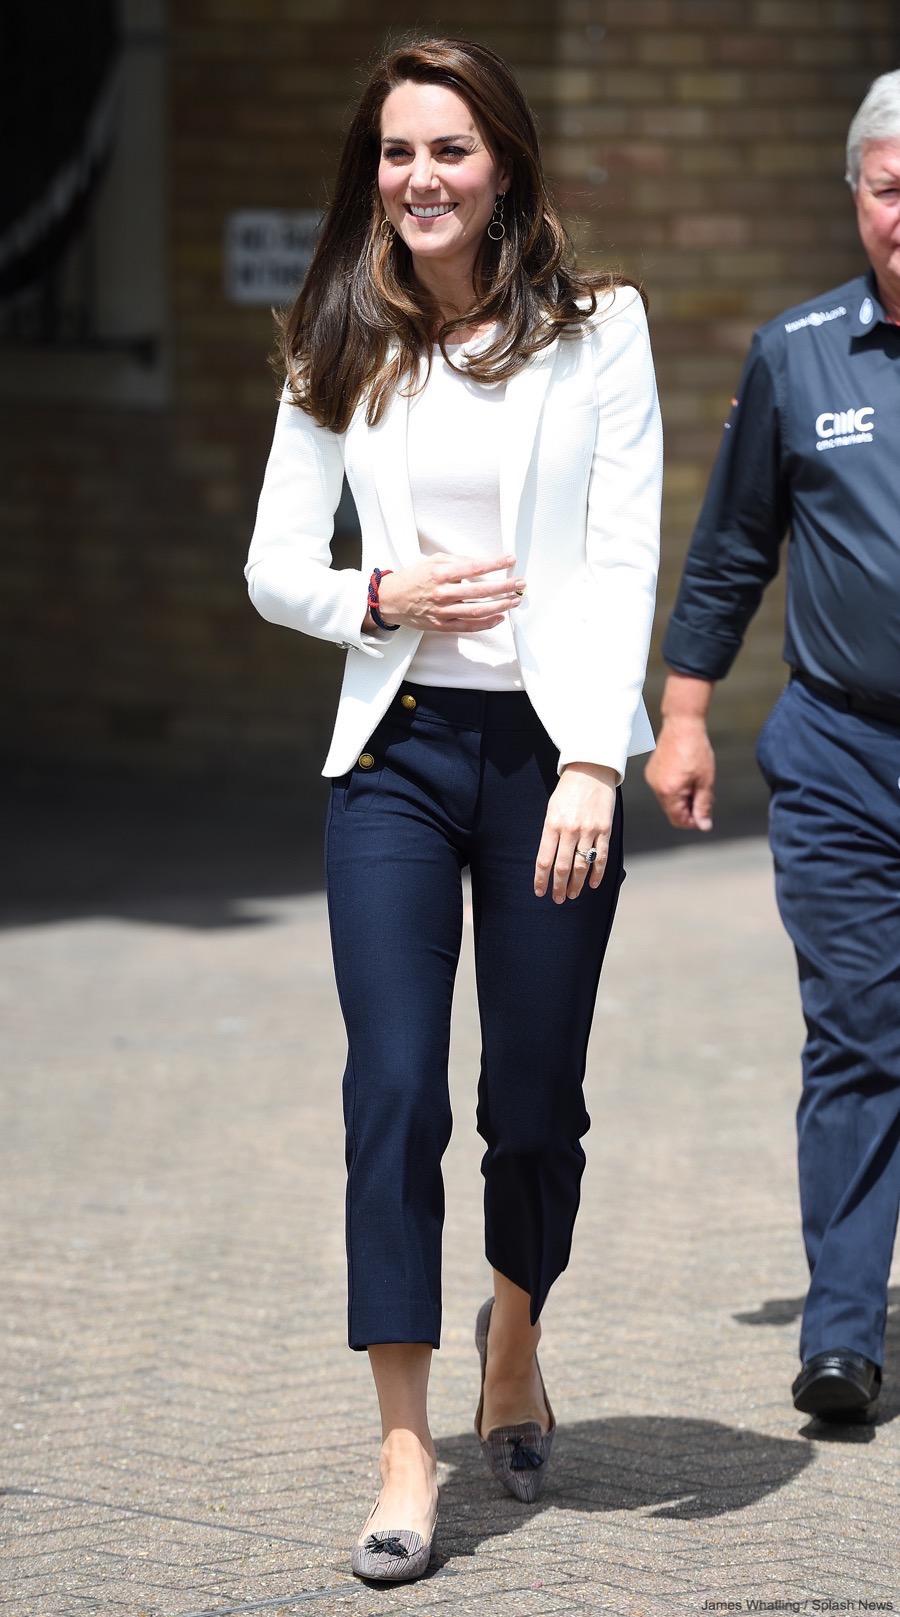 Kate Middleton wearing JCrew pants and a white Zara blazer to the 1851 Trust Roadshow